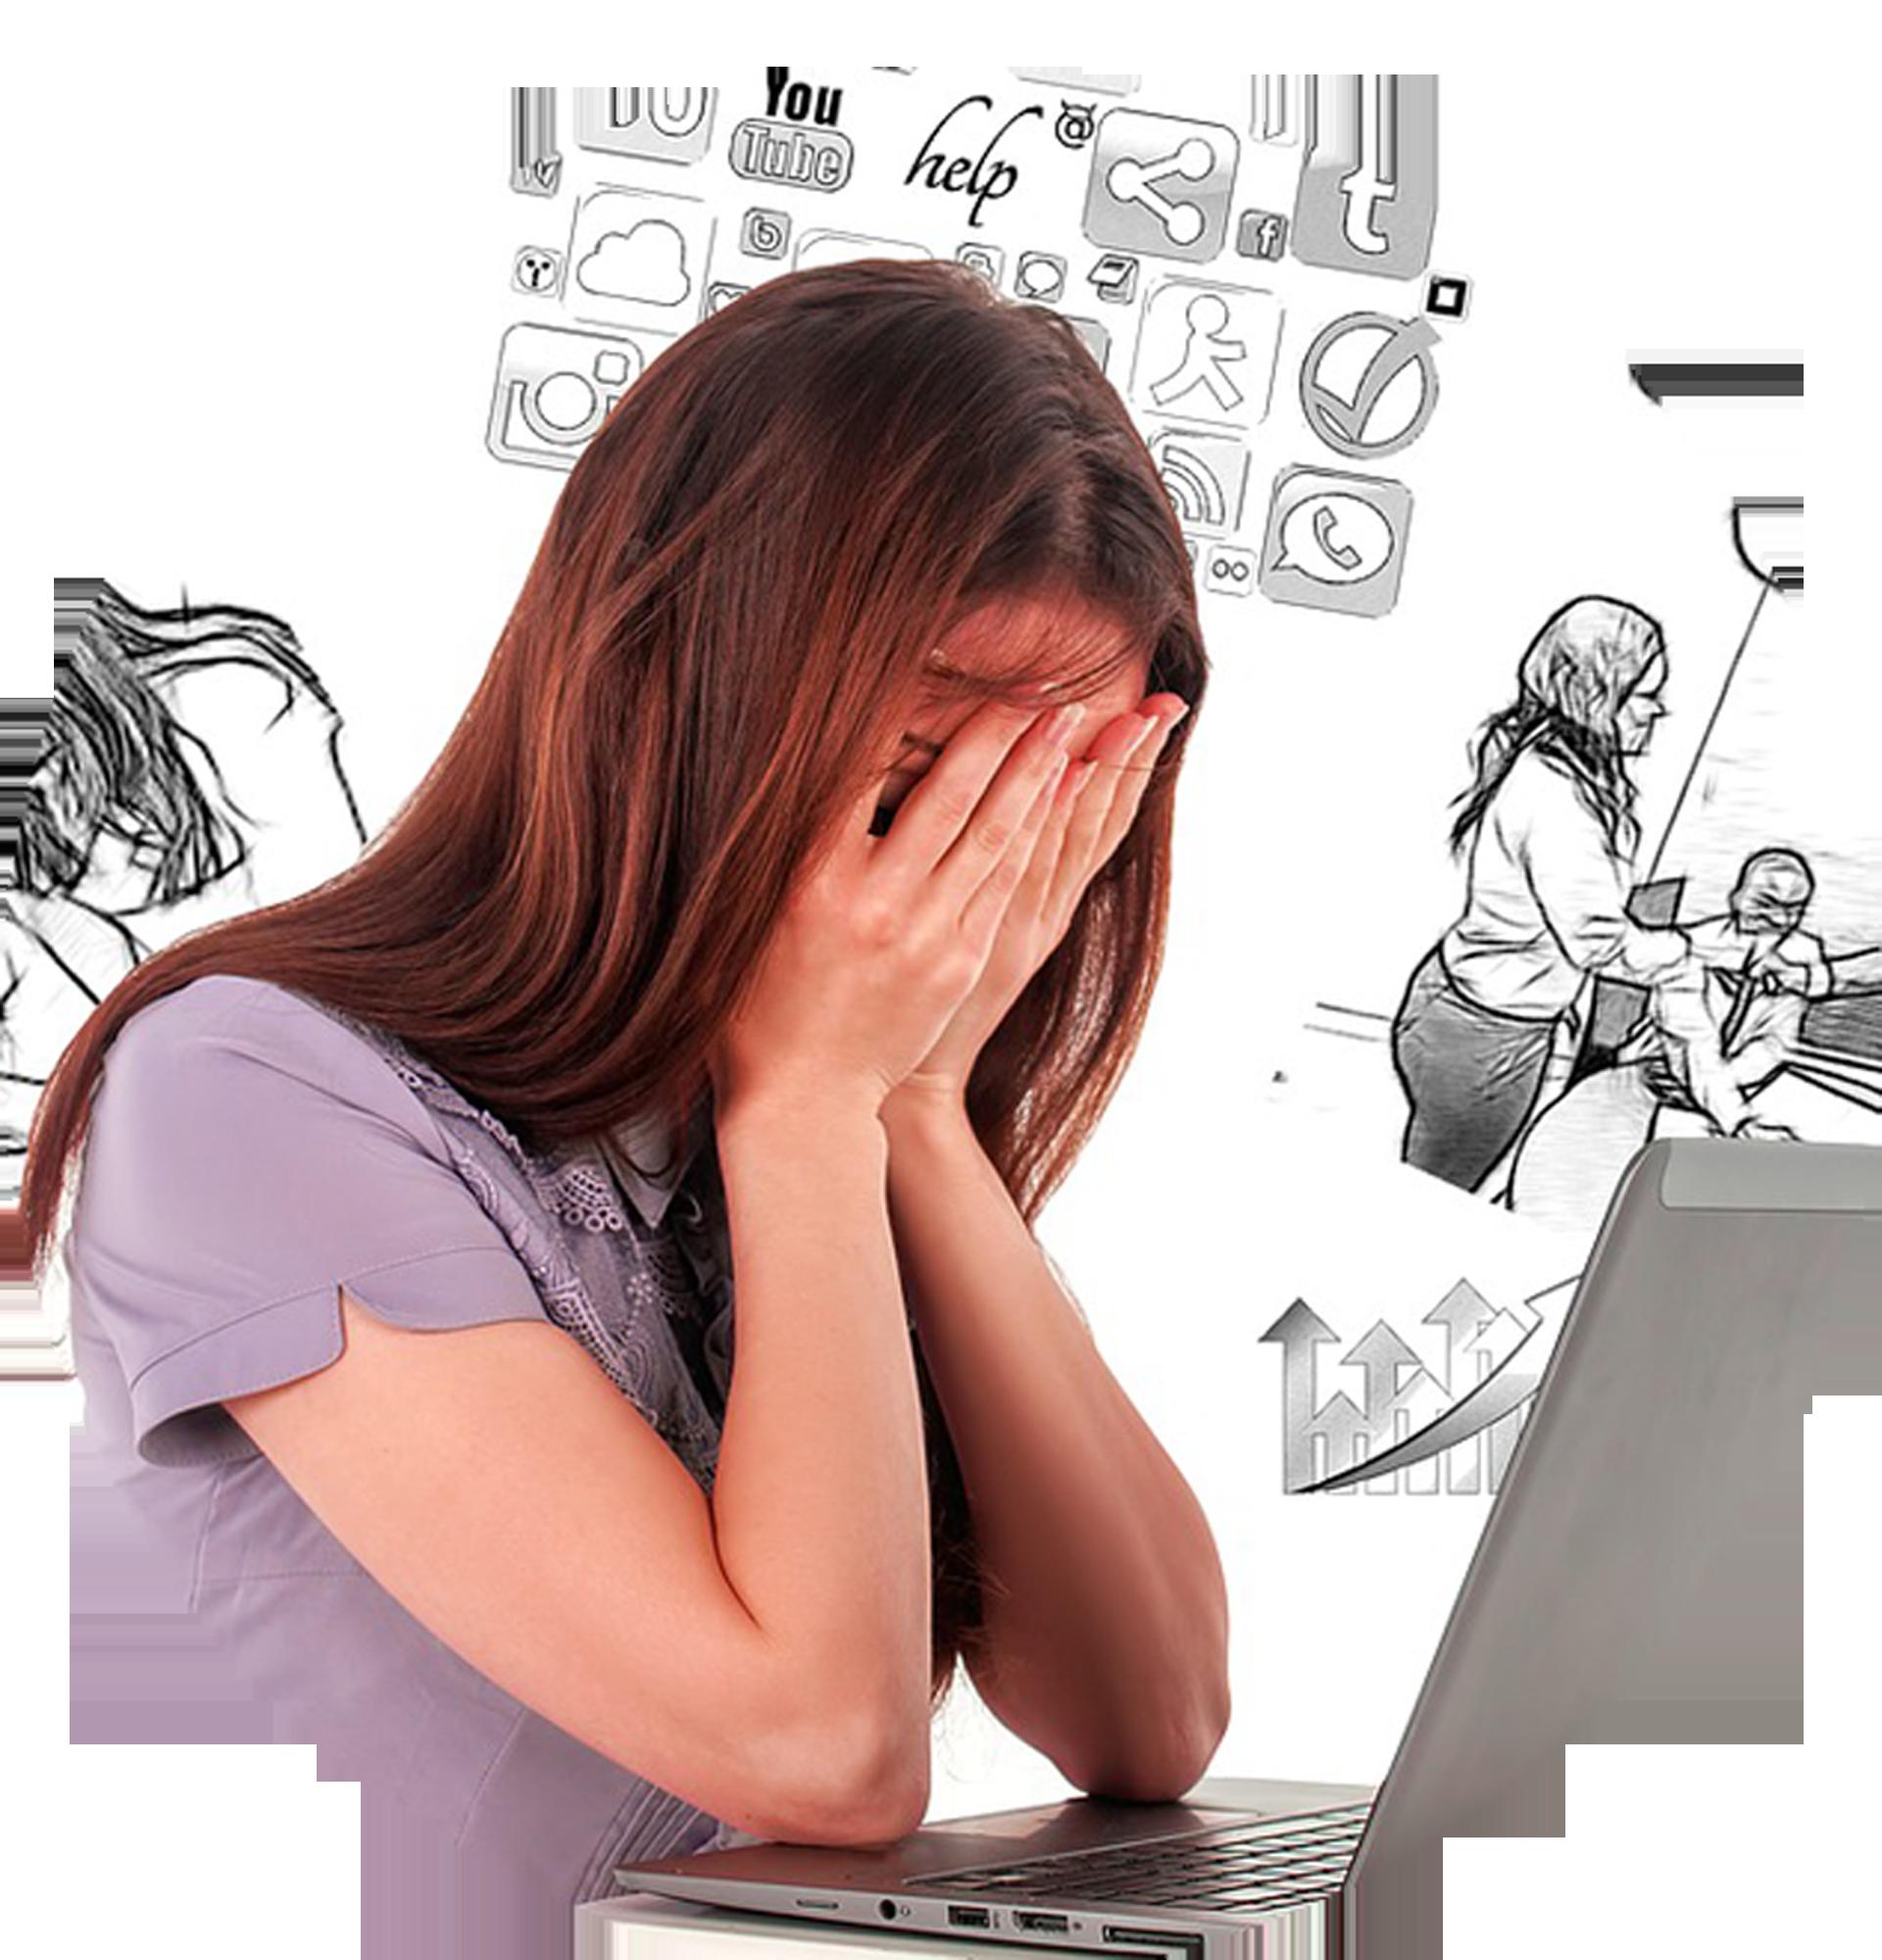 femme qui se cahe la tête dans les mains devant son ordinateur portable site balise ton article